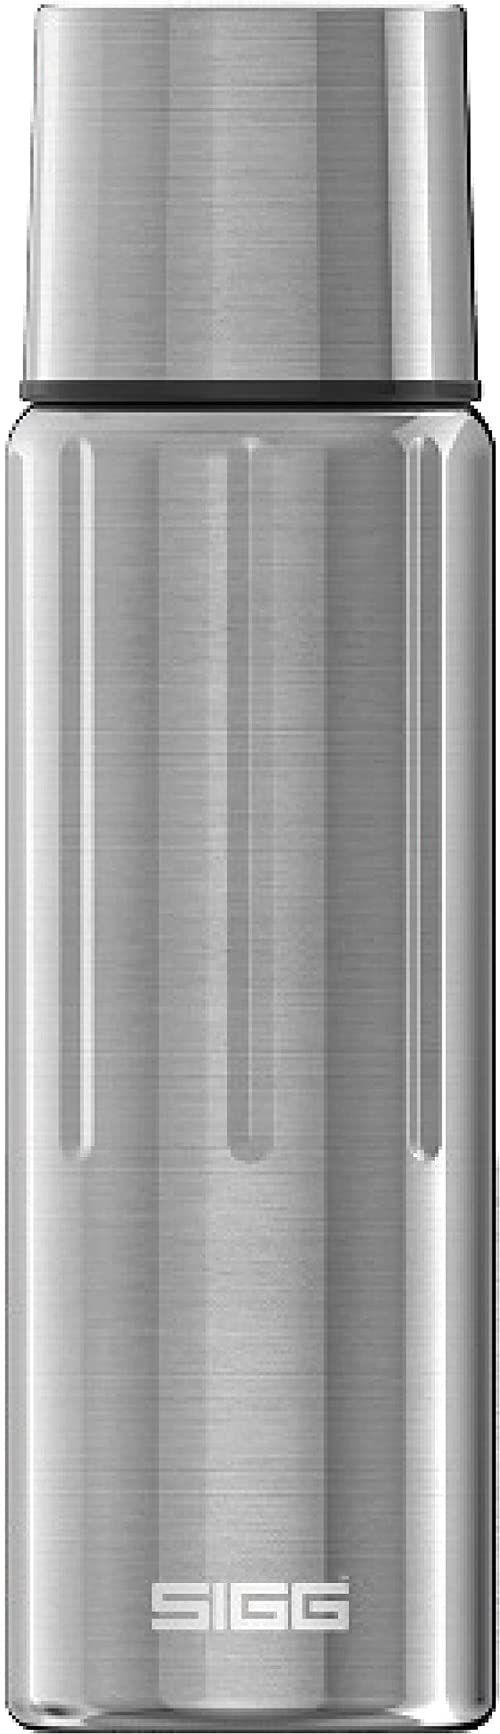 SIGG Gemstone IBT Selenite termos na napoje (0,5 l), izolowany bidon na napoje, zabezpieczony przed wyciekiem termos ze stali nierdzewnej